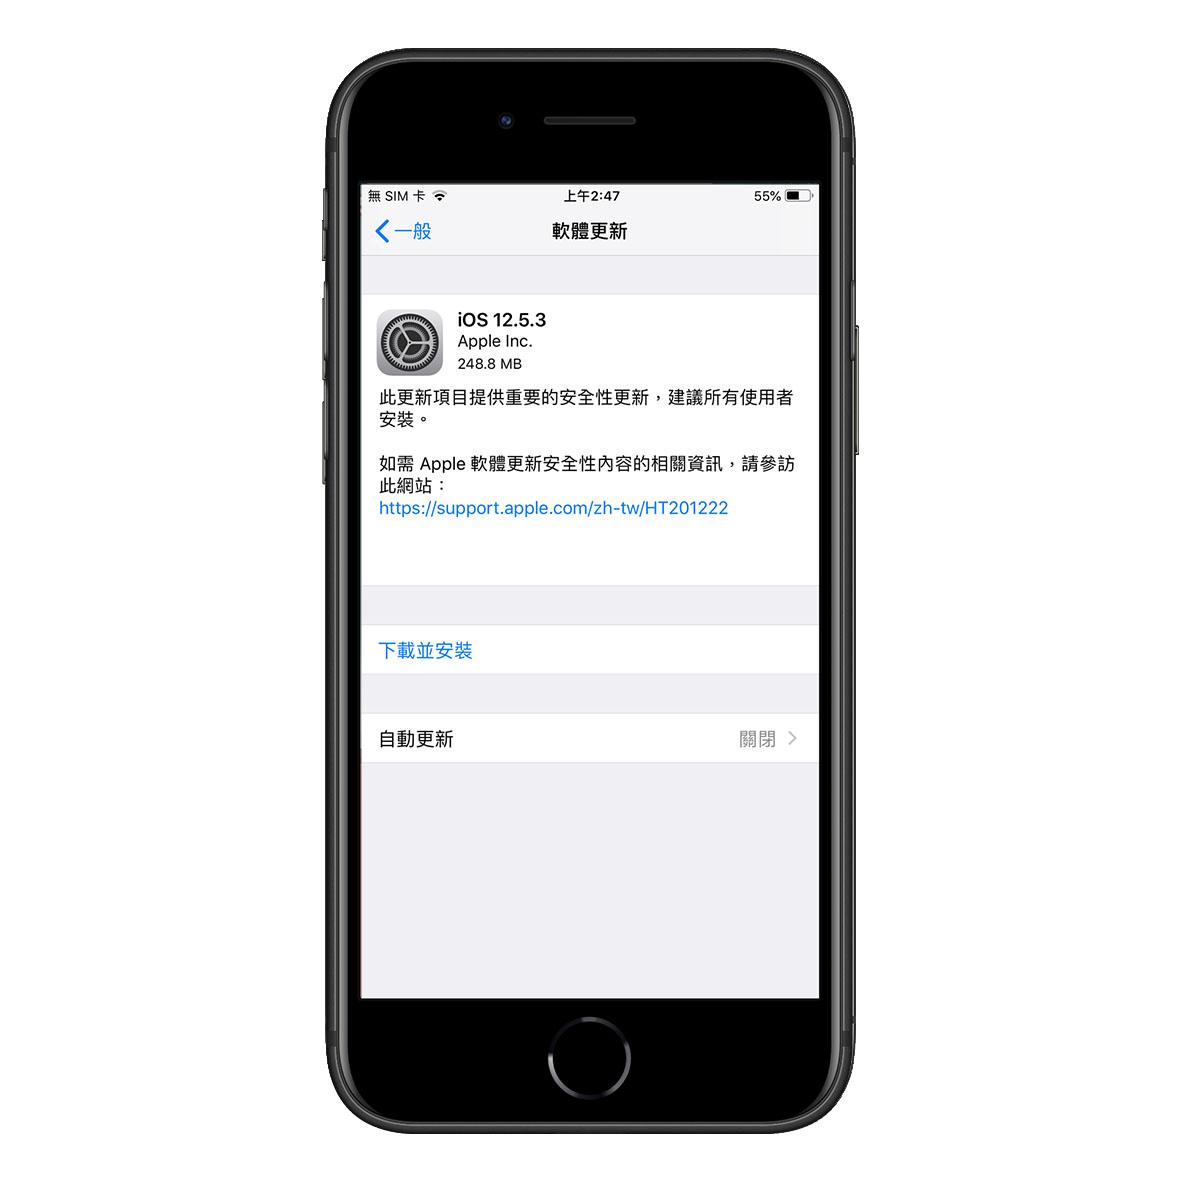 iOS 12.5.3